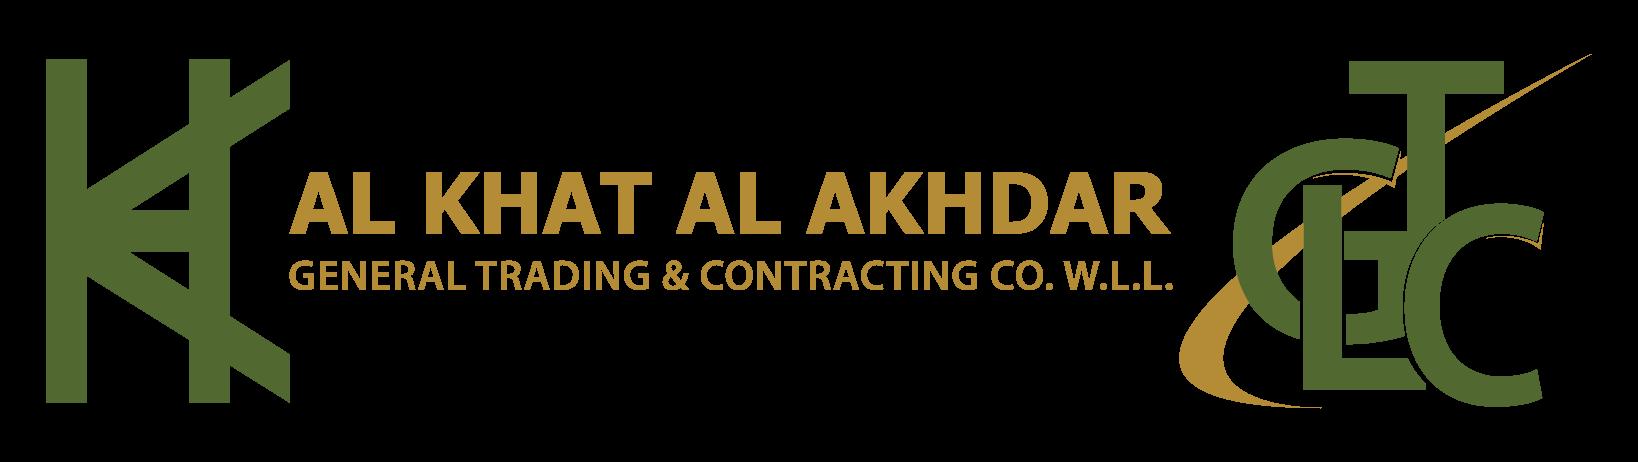 Al Khat al Akhdar – GEN  TRADING & CONT  CO  W L L , KUWAIT